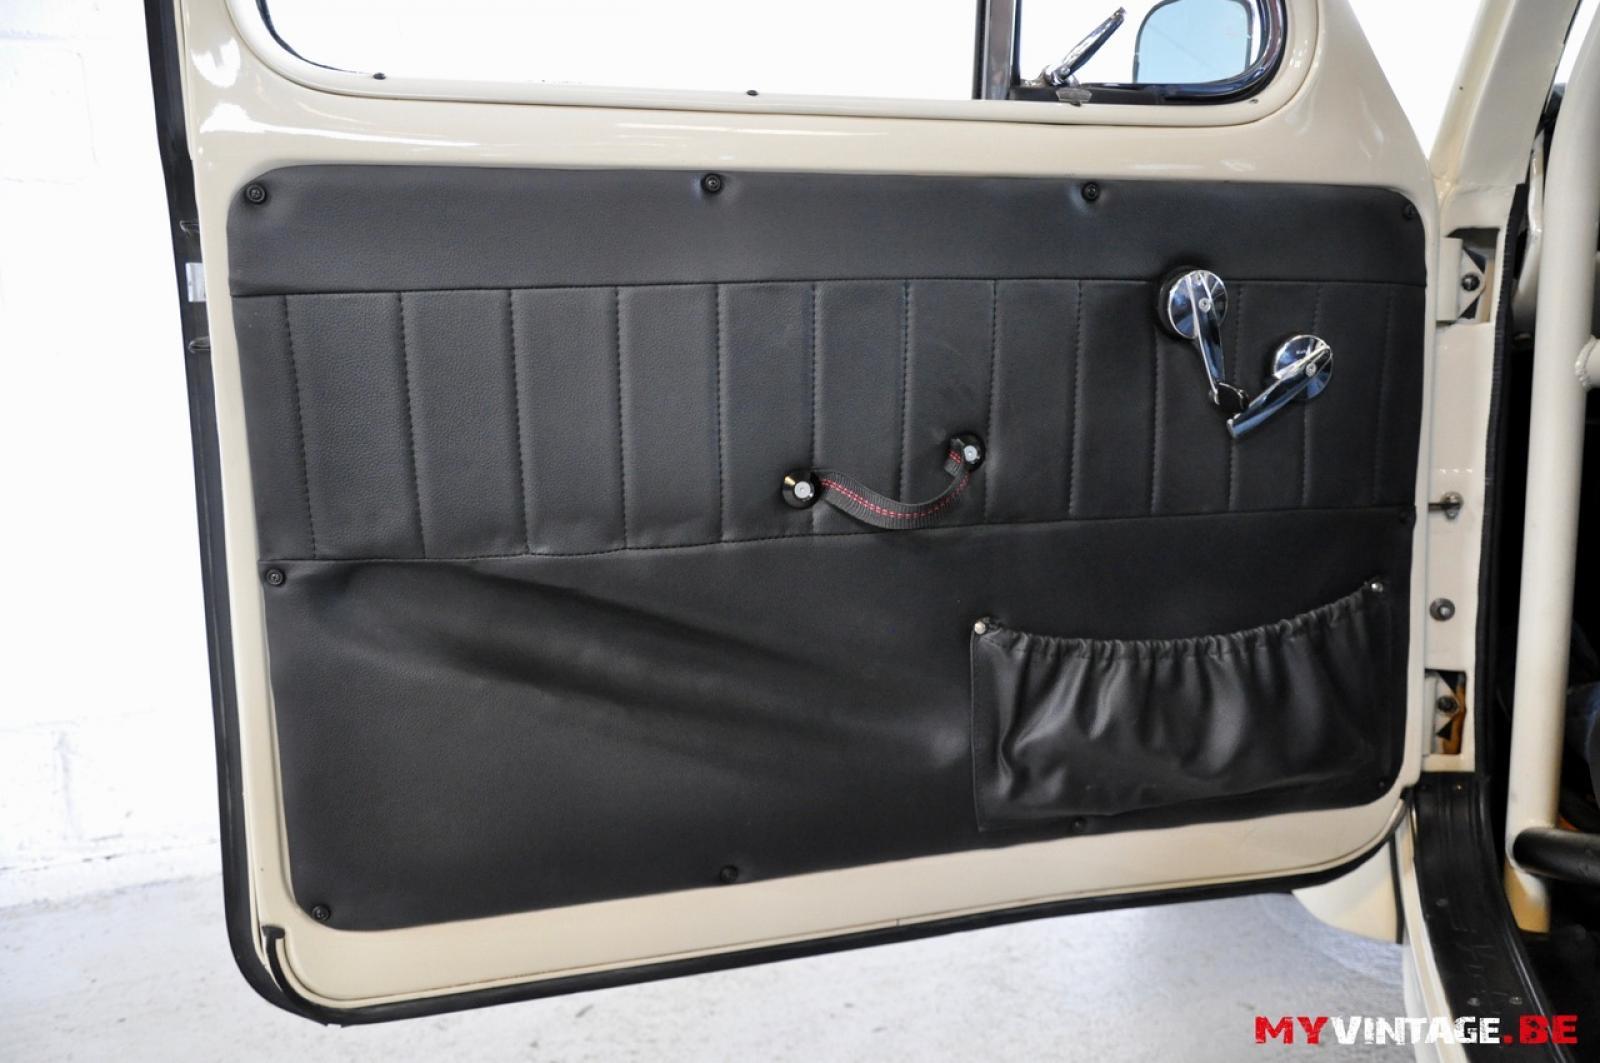 Volvo PV544 2100cc 145bhp - 7